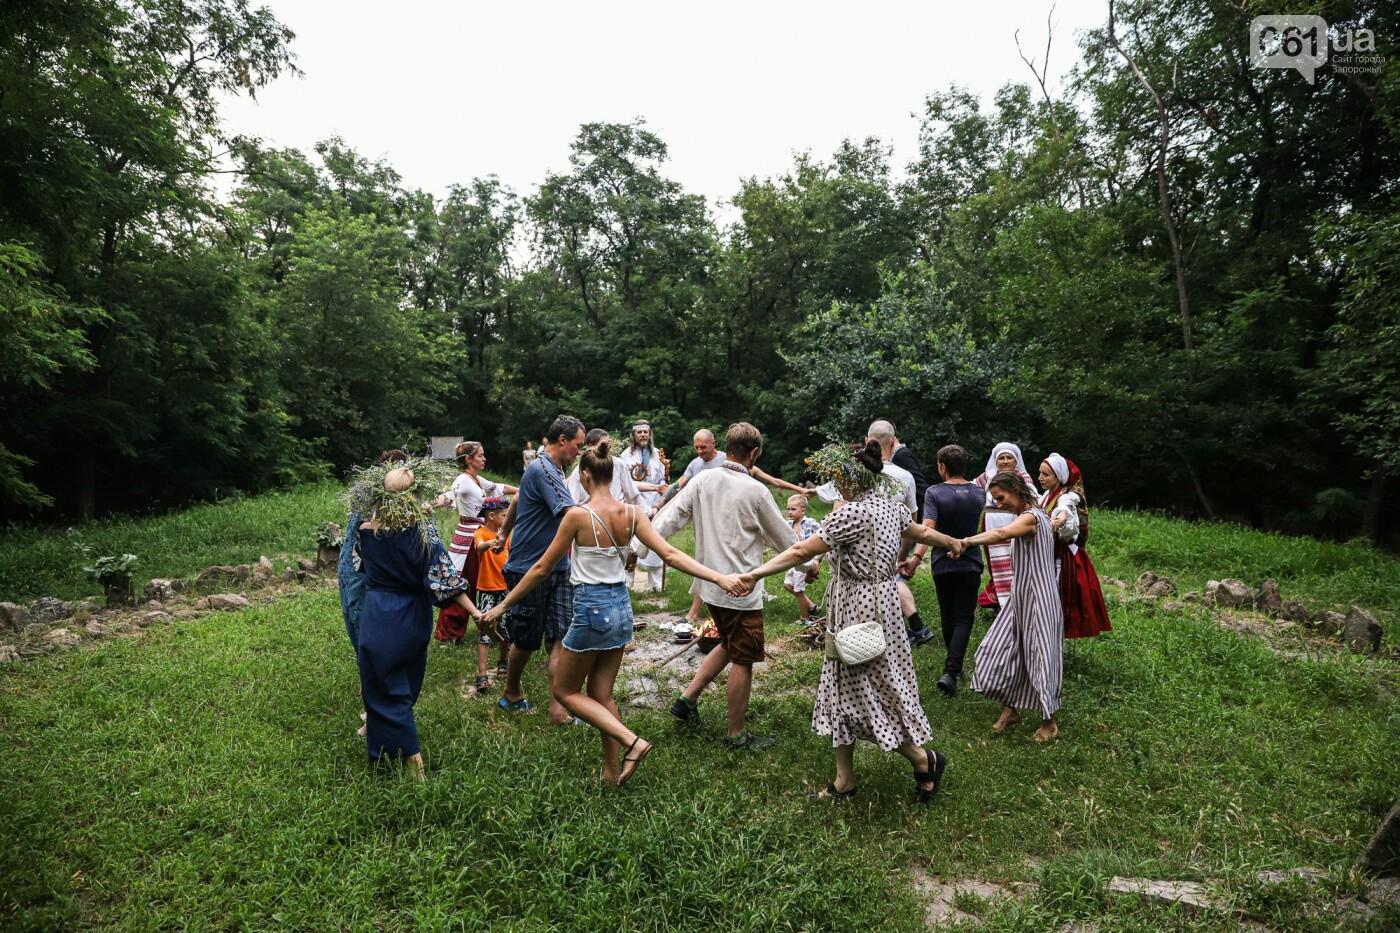 Огонь и дубовые венки: как на Хортице отметили праздник Перуна, - ФОТОРЕПОРТАЖ, фото-30